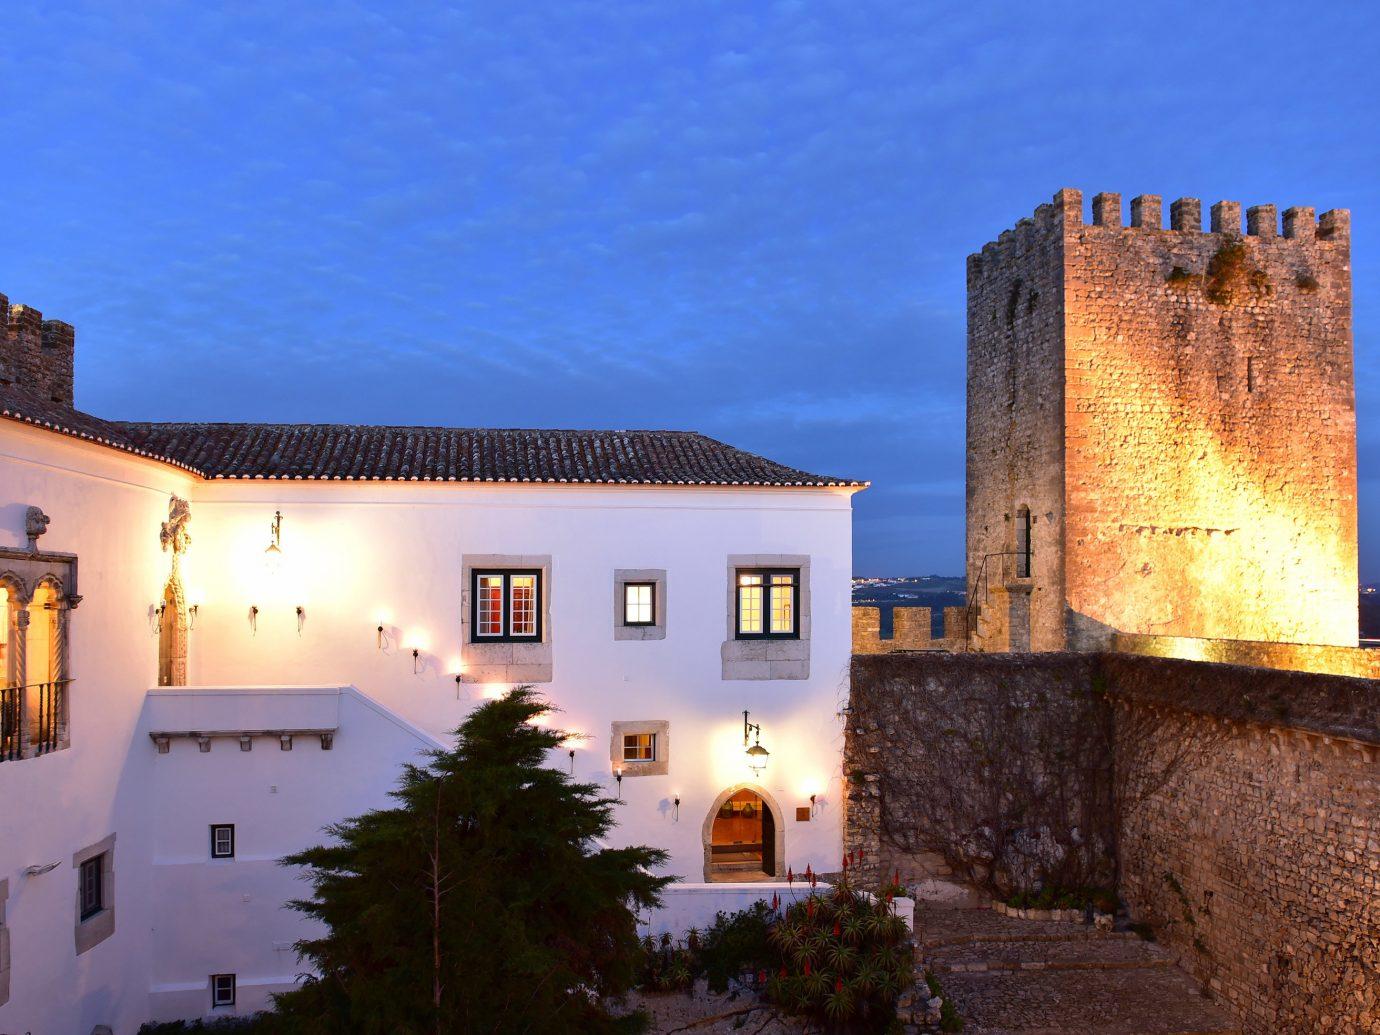 Hotels building sky outdoor house property Villa estate hacienda facade mansion castle